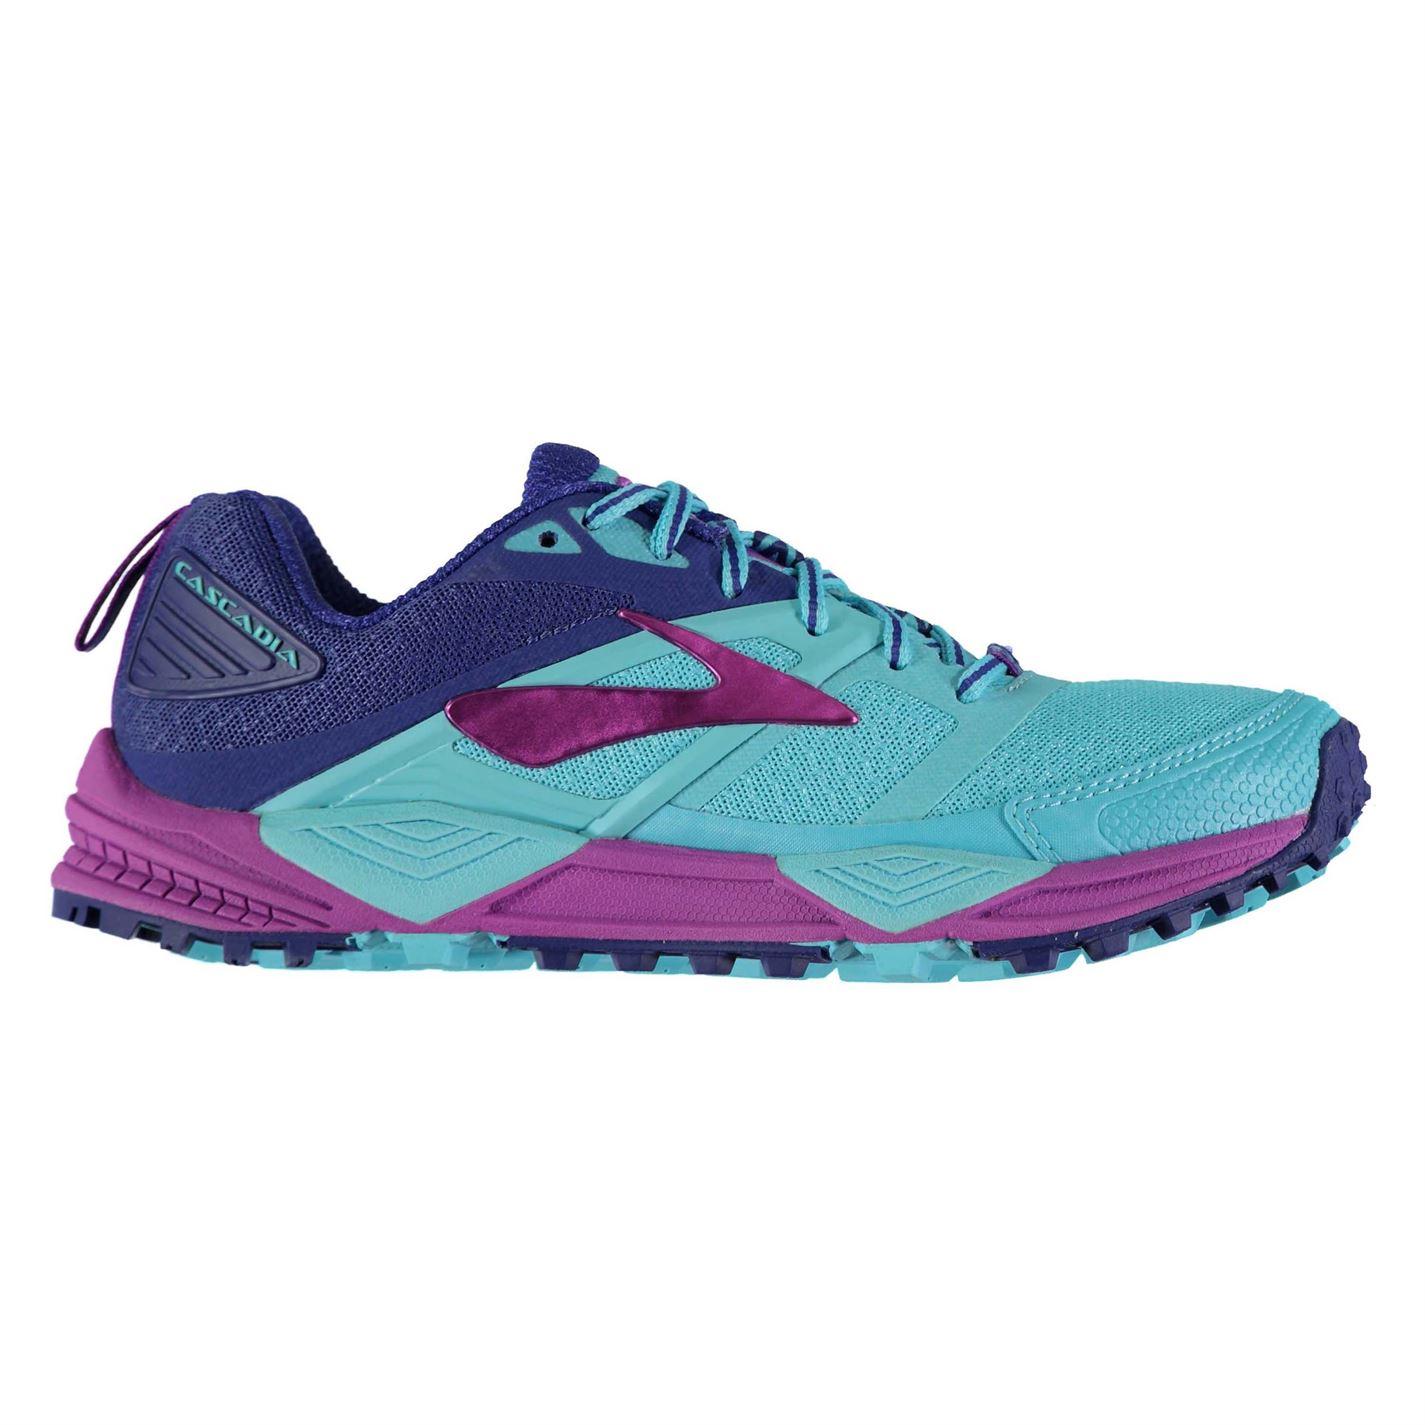 b7133843fcf Brooks Cascadia 12 dámské běžecké boty Blue Pink - Glami.cz